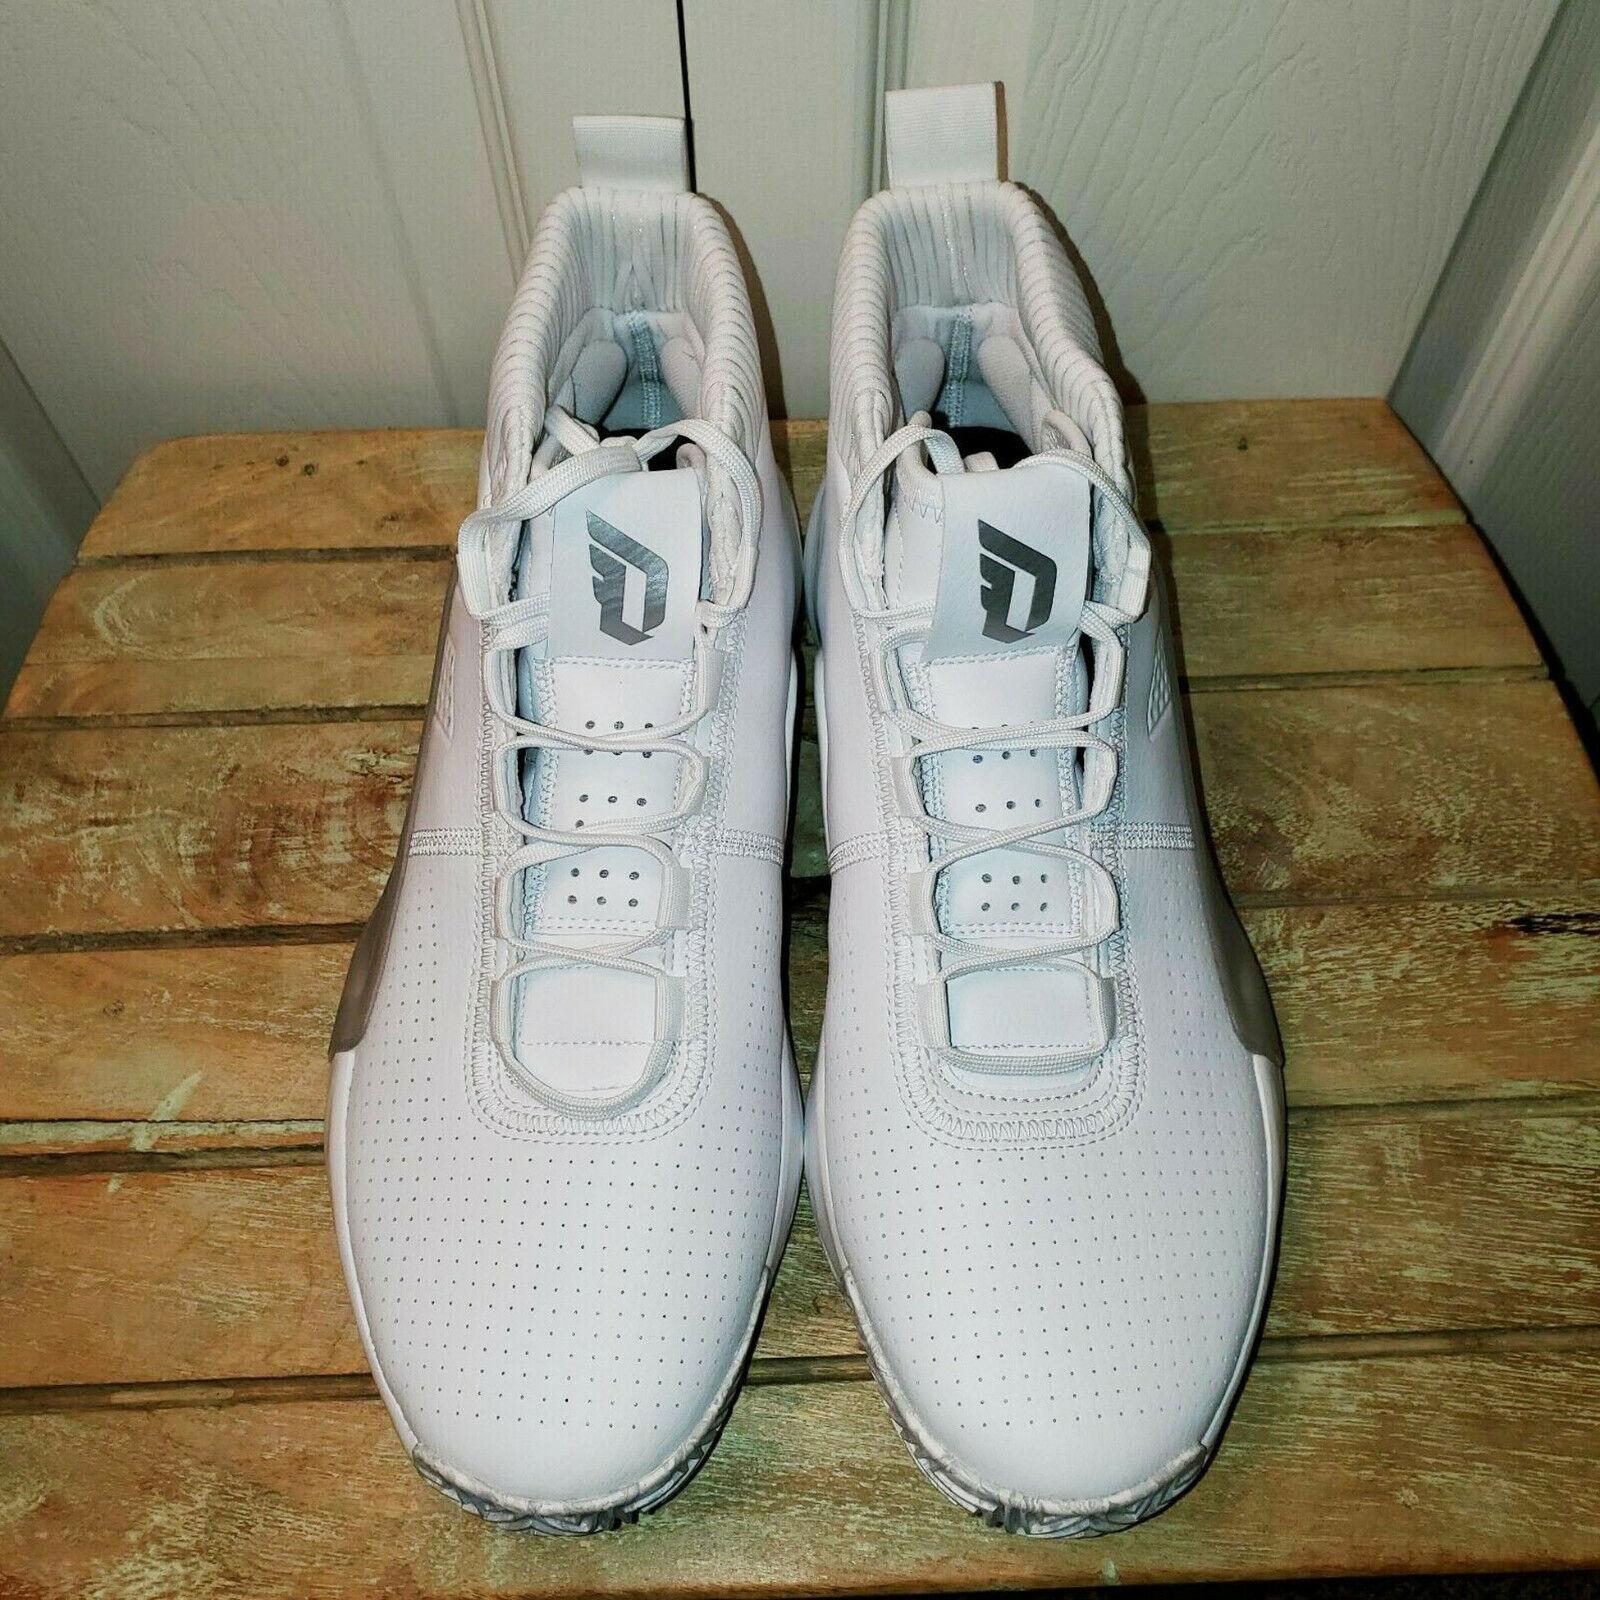 Adidas Dame 5 Footwear White EE5424 Men's Size 12.5